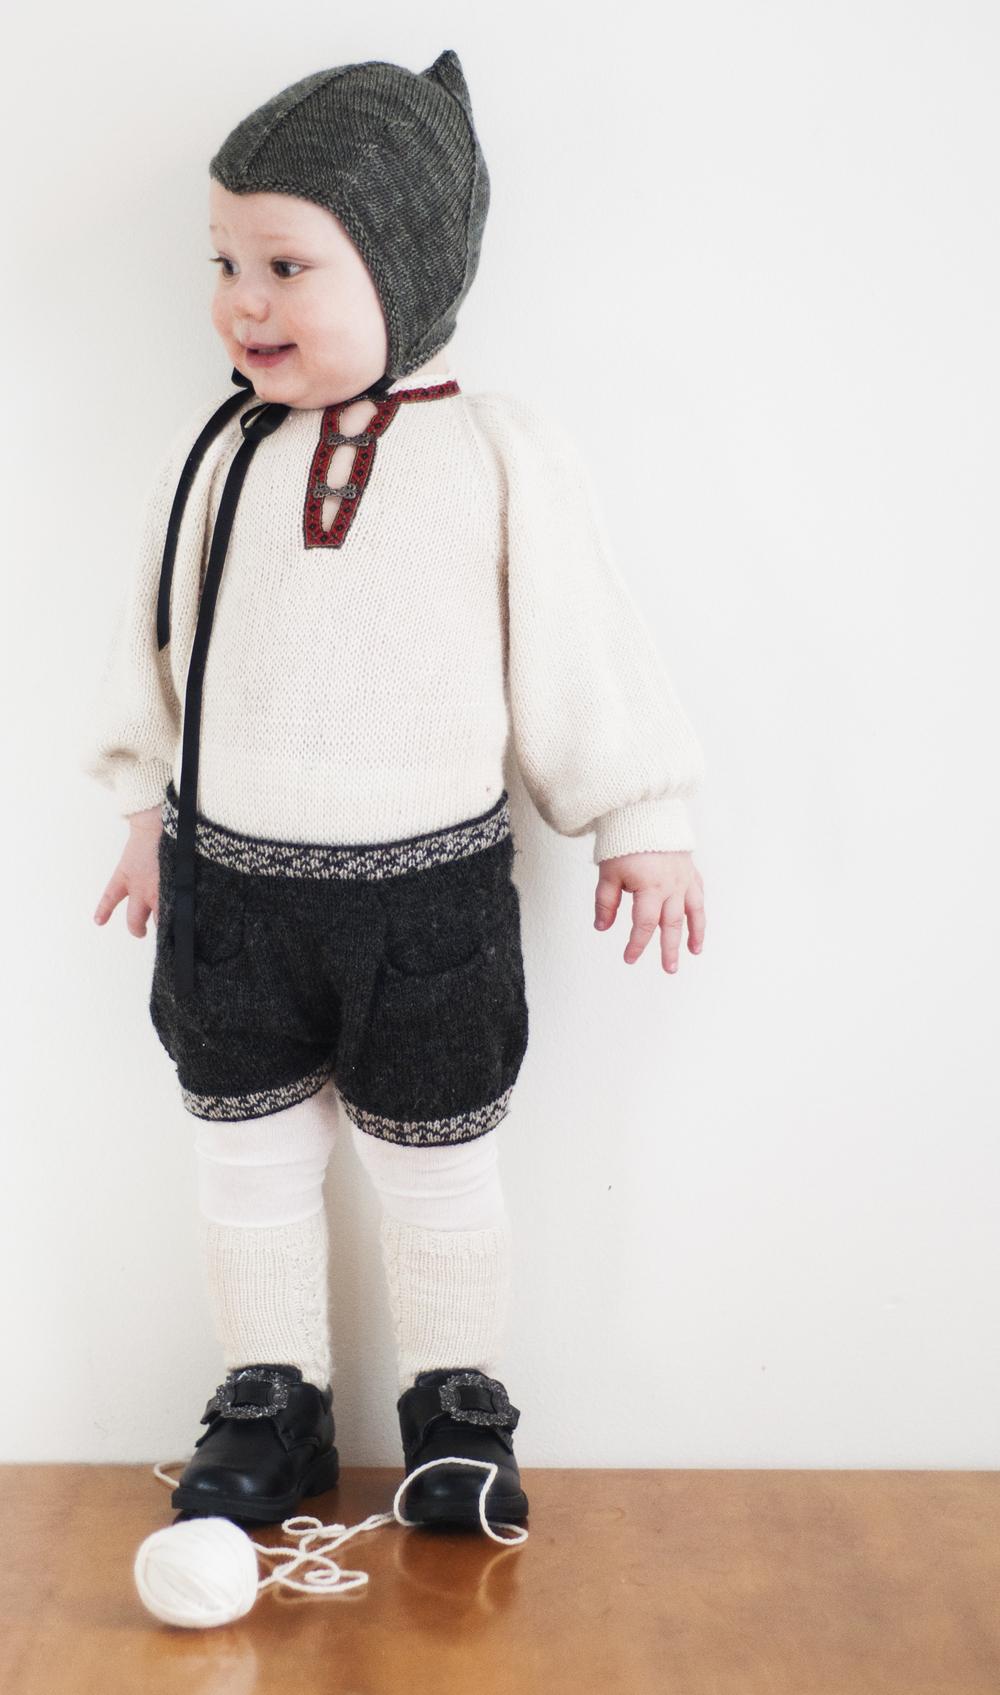 Klassisk bunadslook - med babytilpasning. Bomullsskjorter til småbarn krøller seg oppunder haka før du rekker å snu deg - temperert og myk  bunadsbody  sammen med en tøff  bunadsshorts  med lommer holder antrekket på plass